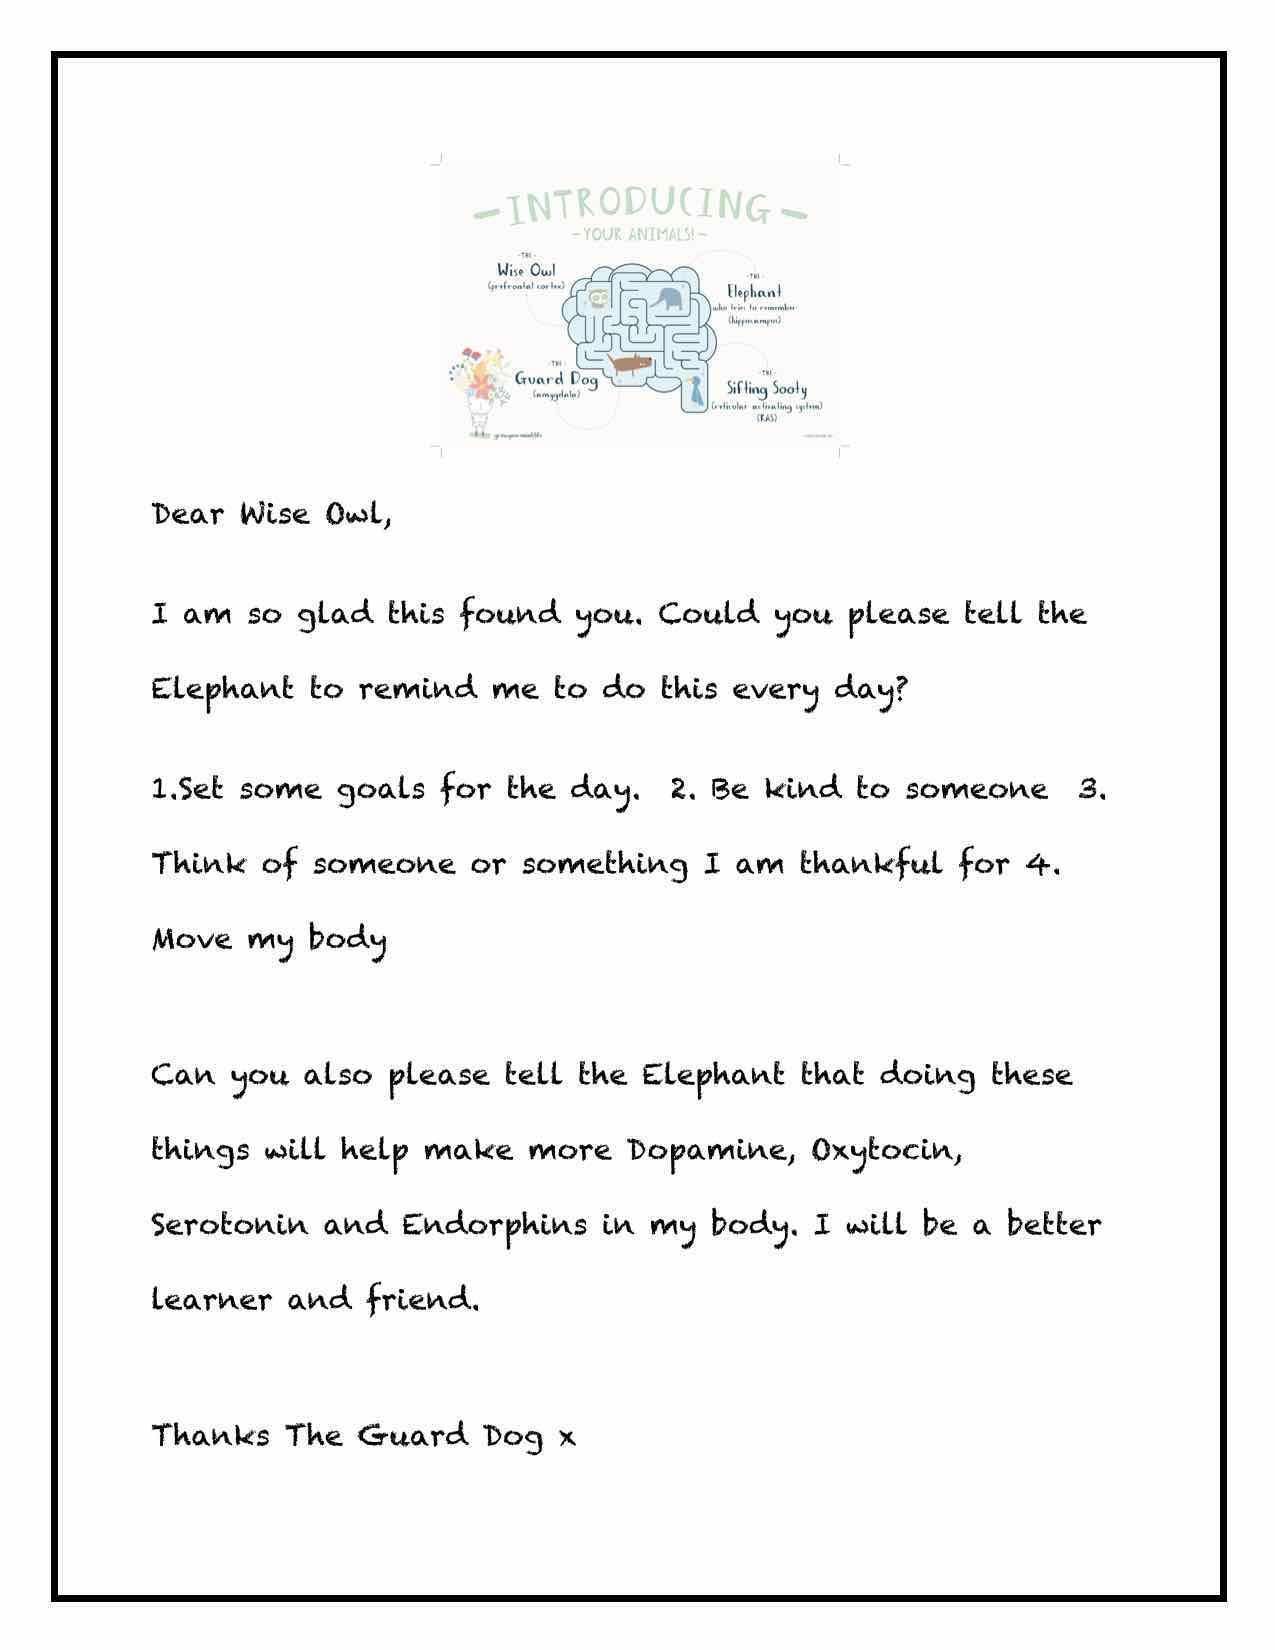 Dear Wise Owl